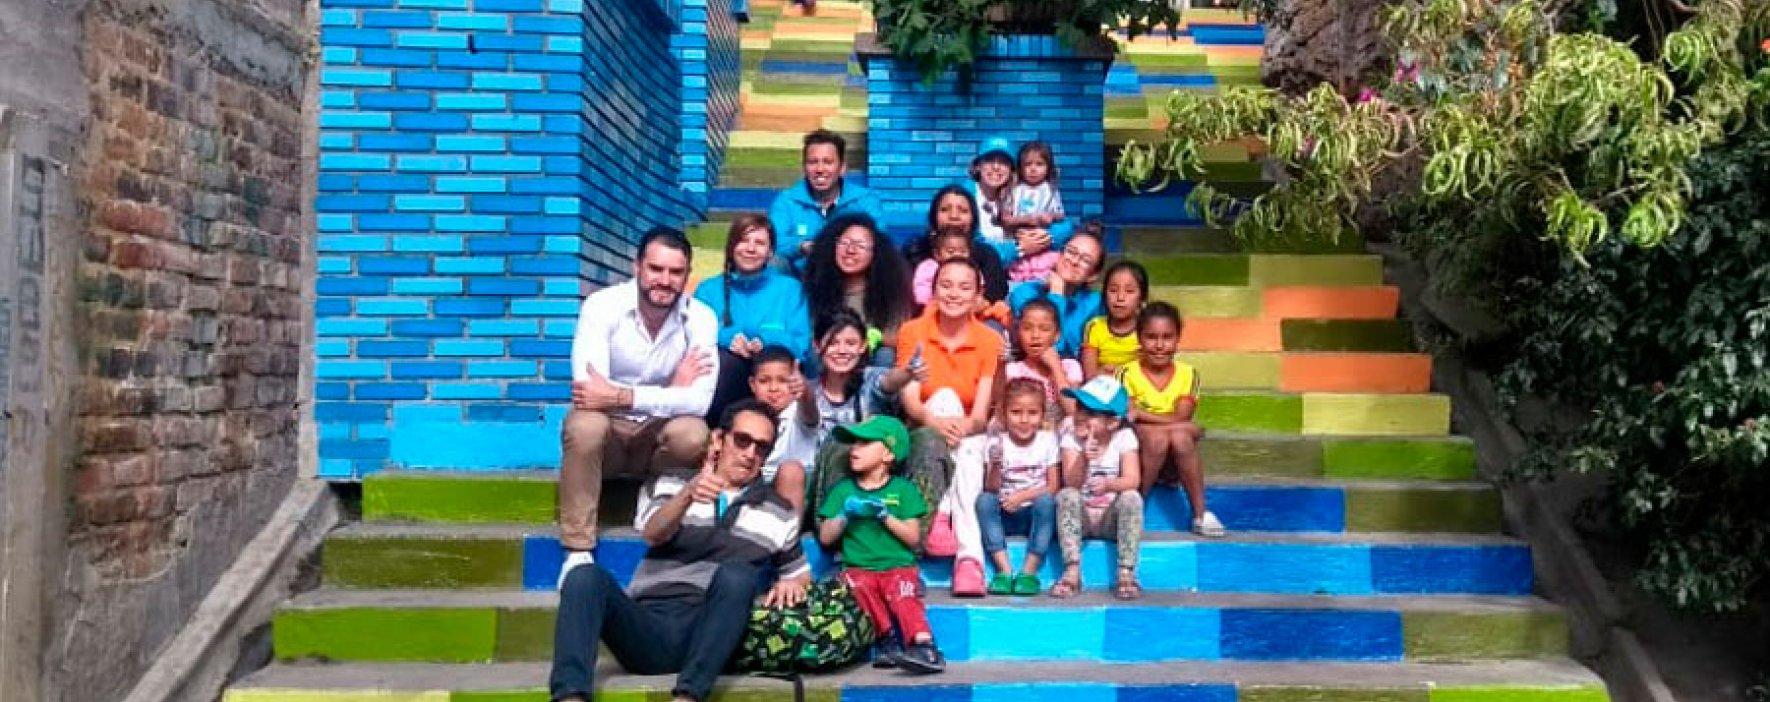 Jornada de voluntariado embelleció espacio público del barrio La Perla, en Bogotá